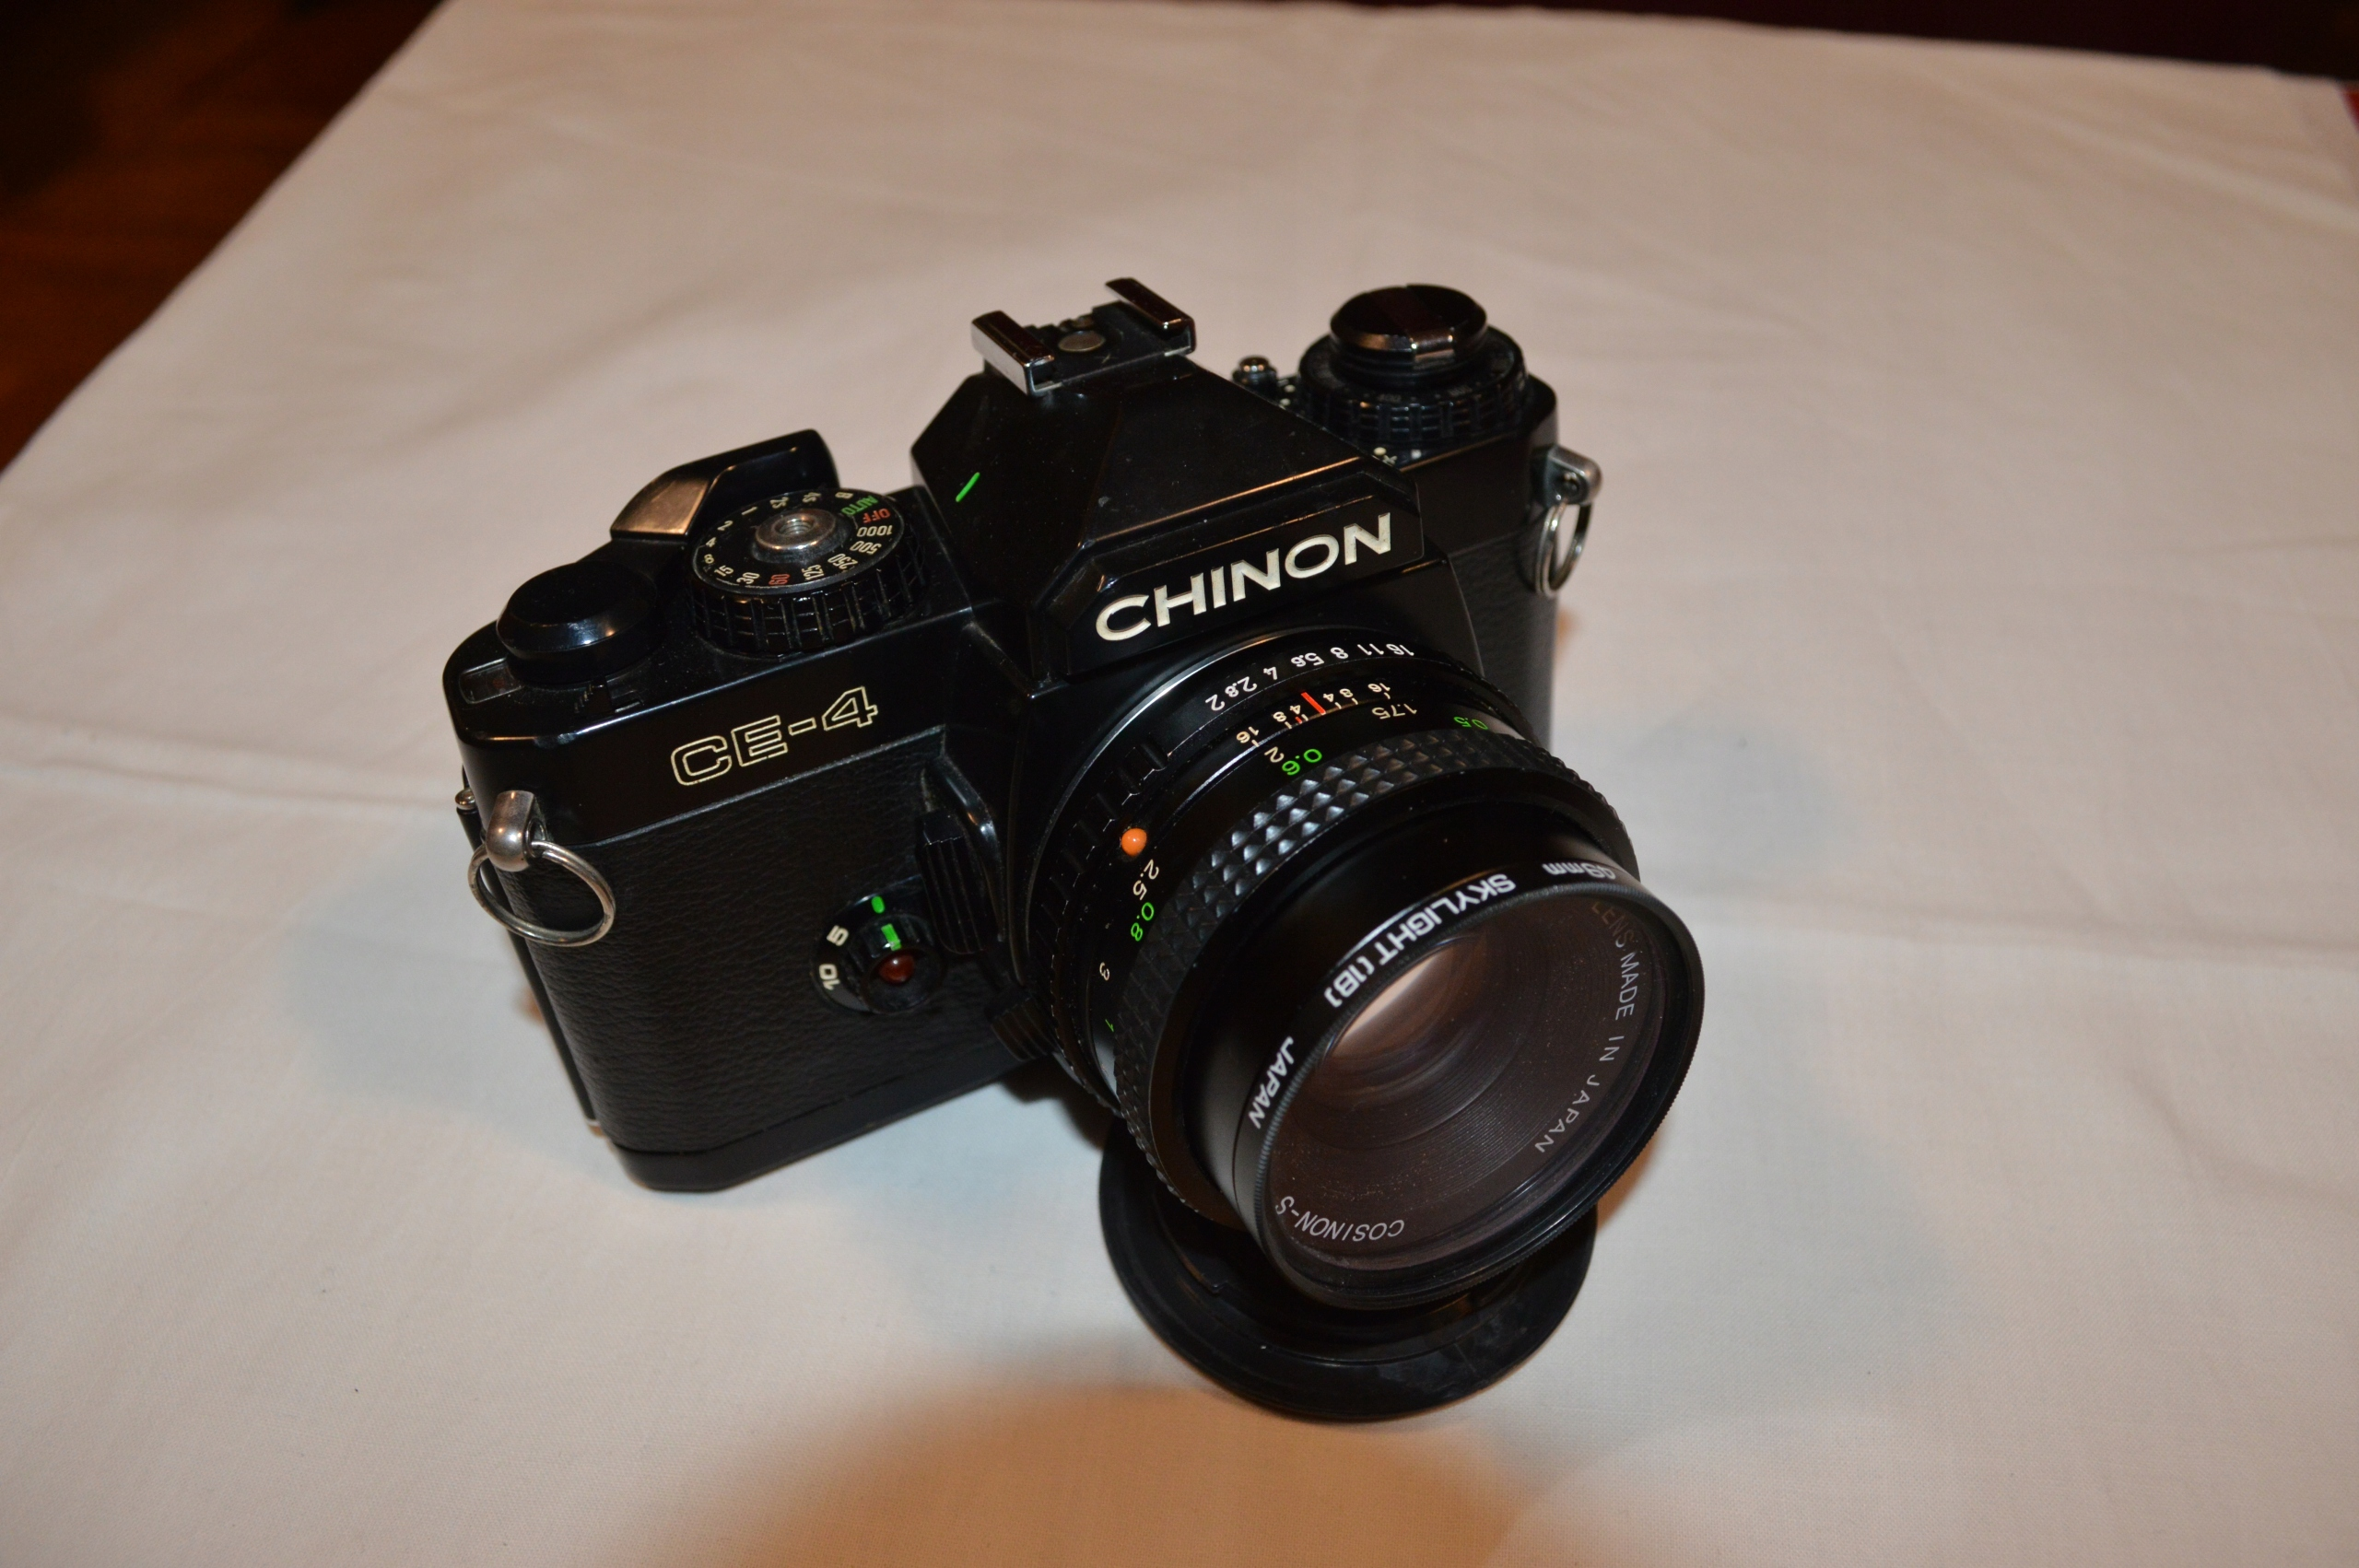 Chinon CE-4 + Cosinon-S 2/50